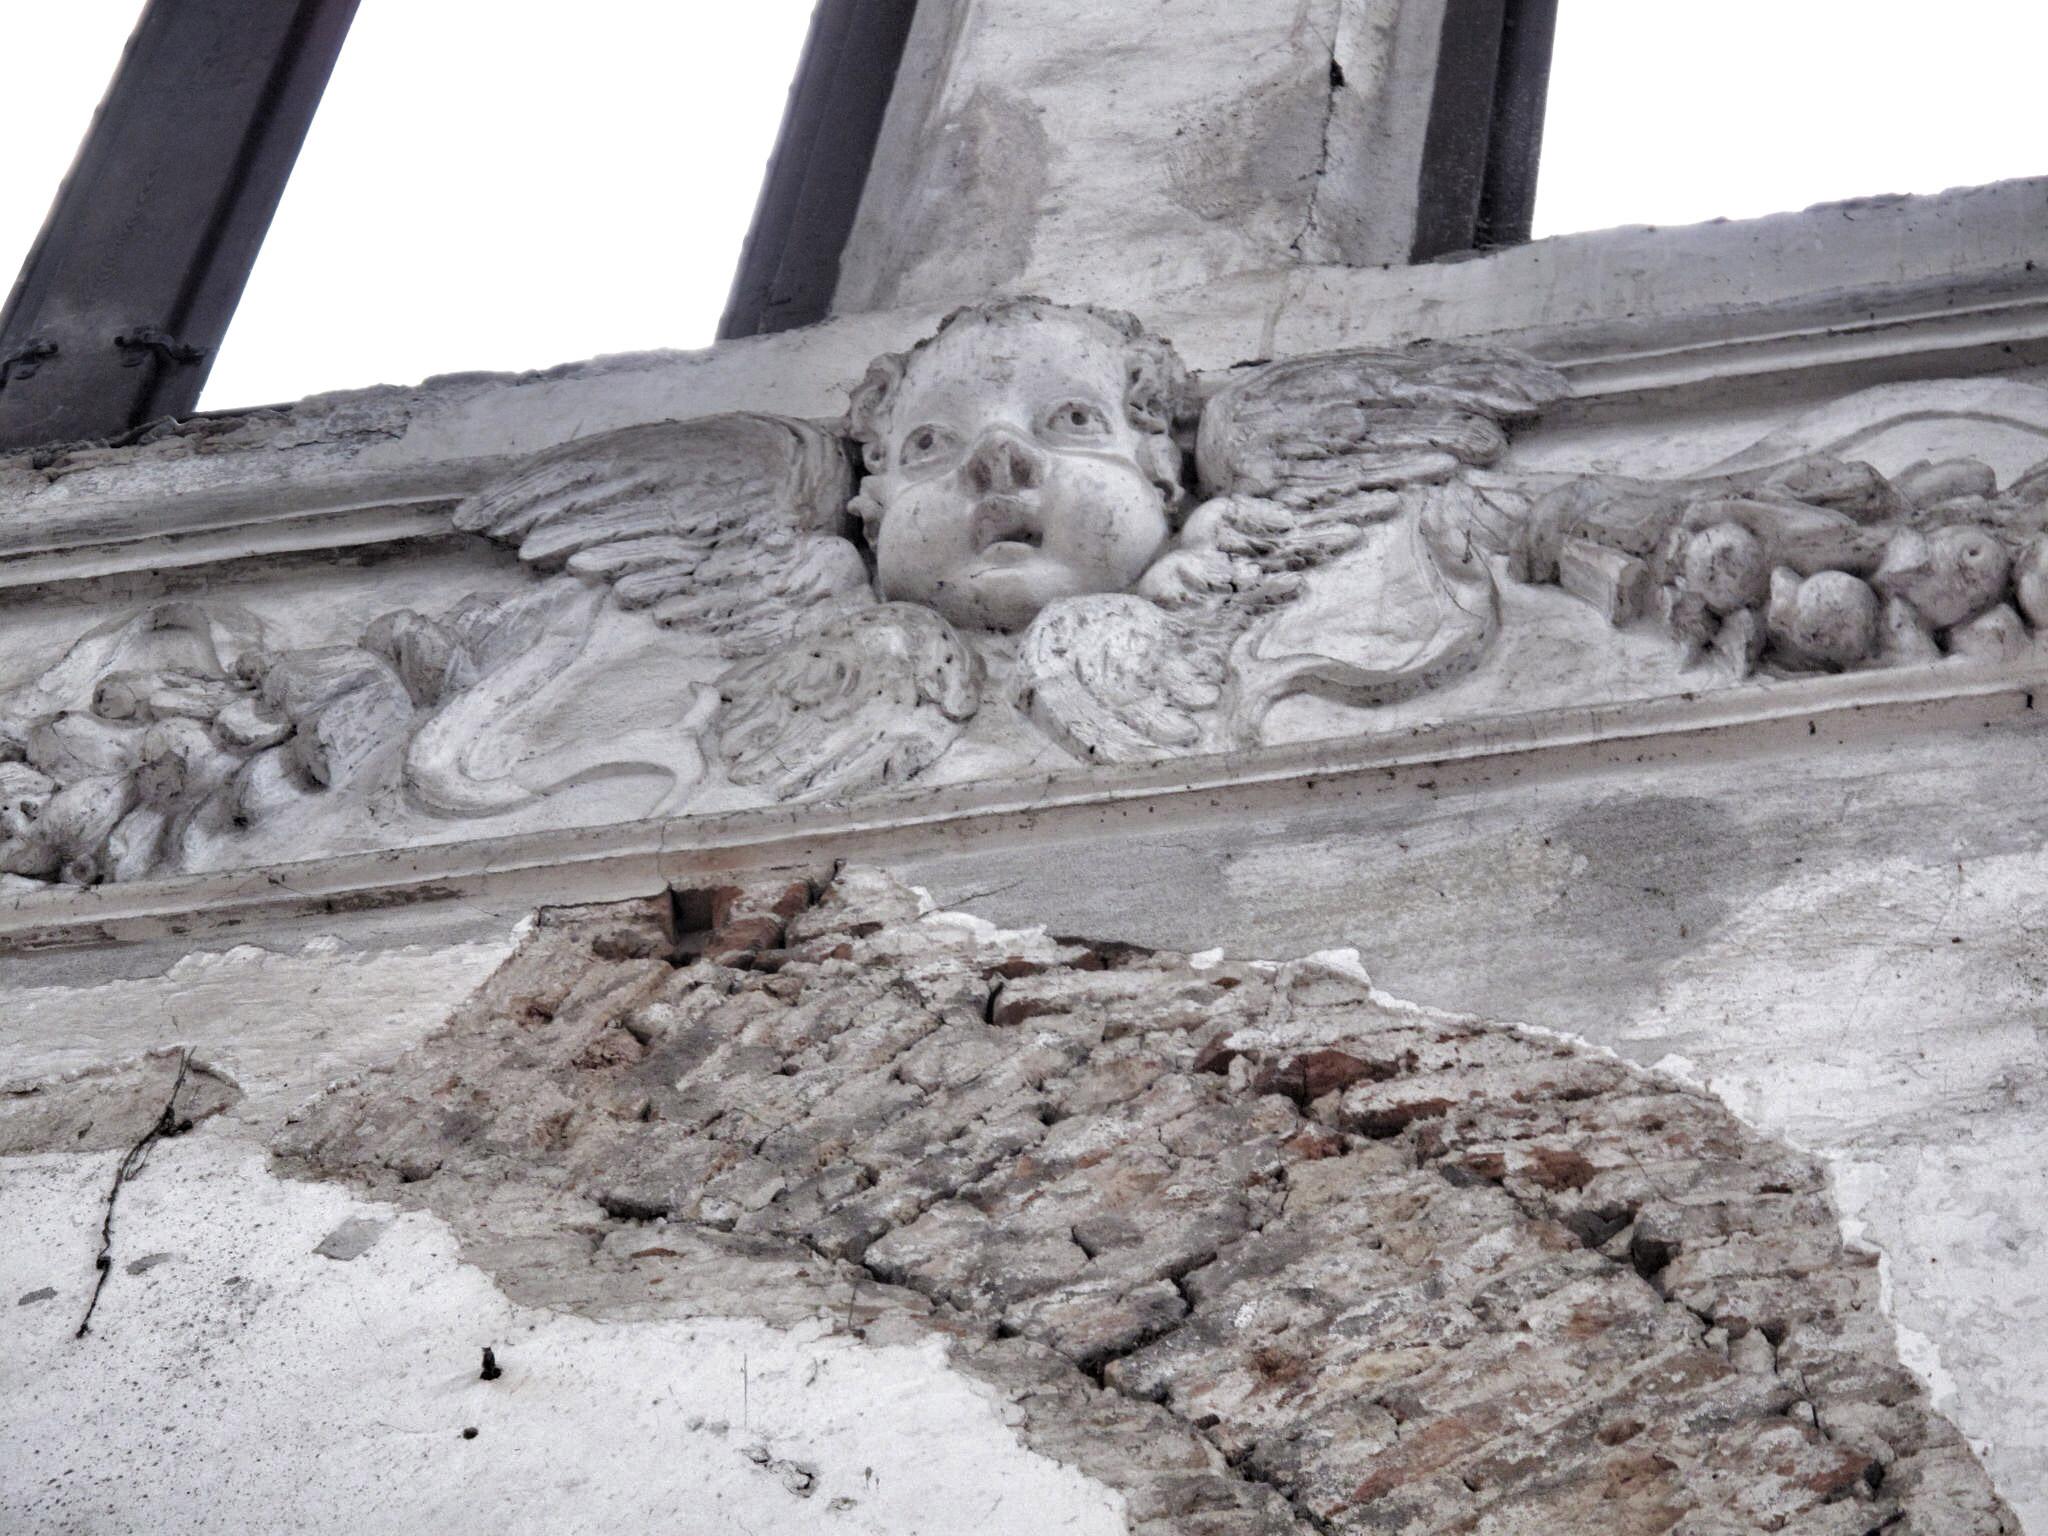 iglesia san lorenzo_venecia_restauración_restos arqueológicos_ángeles